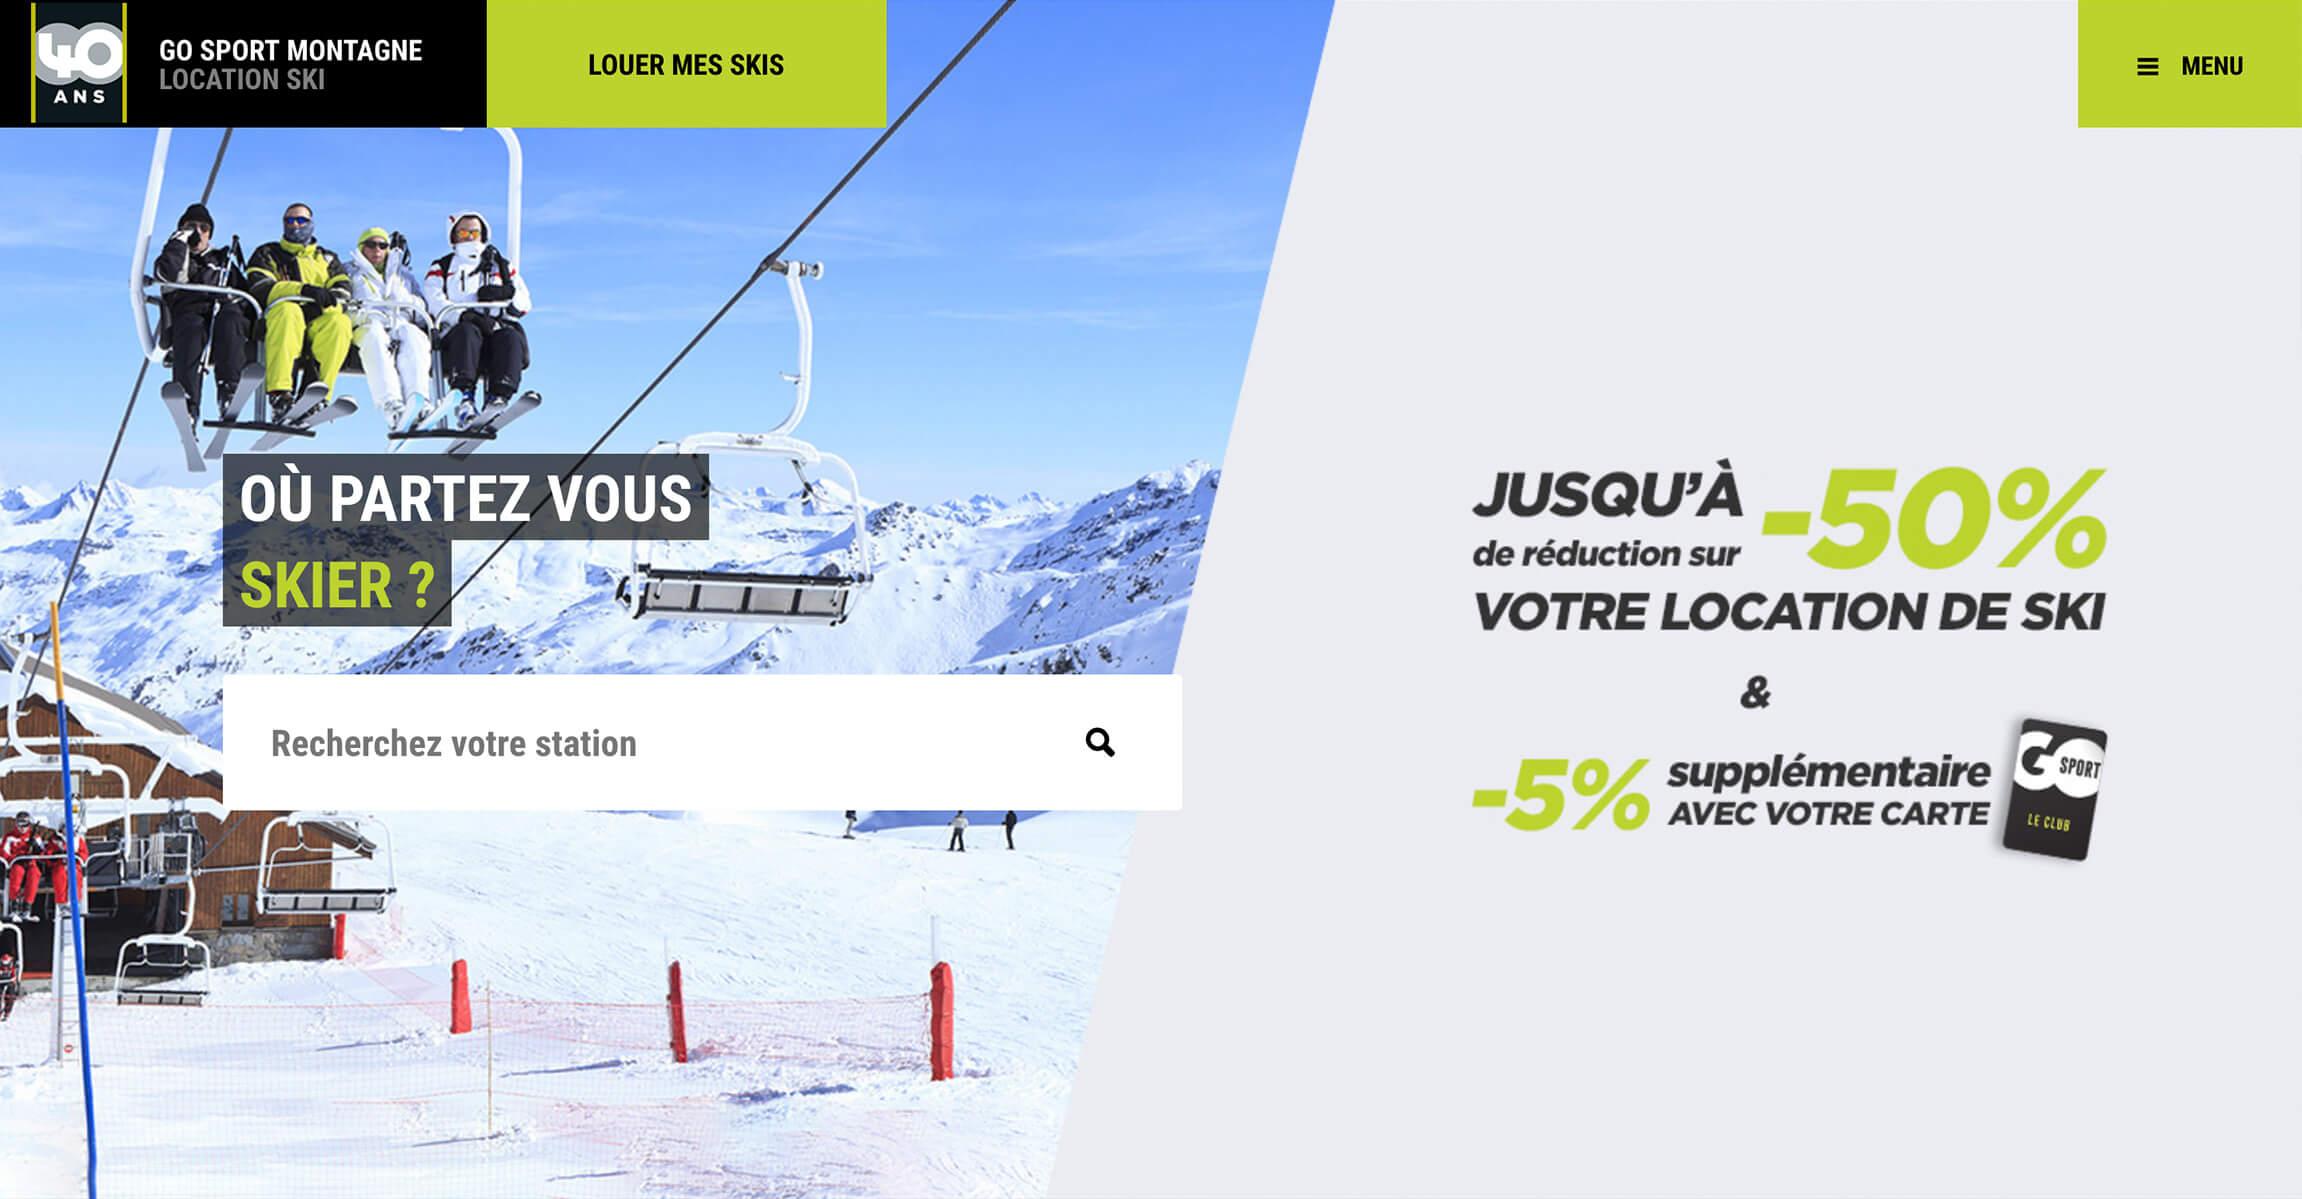 Page d'accueil du site GO Sport Montagne